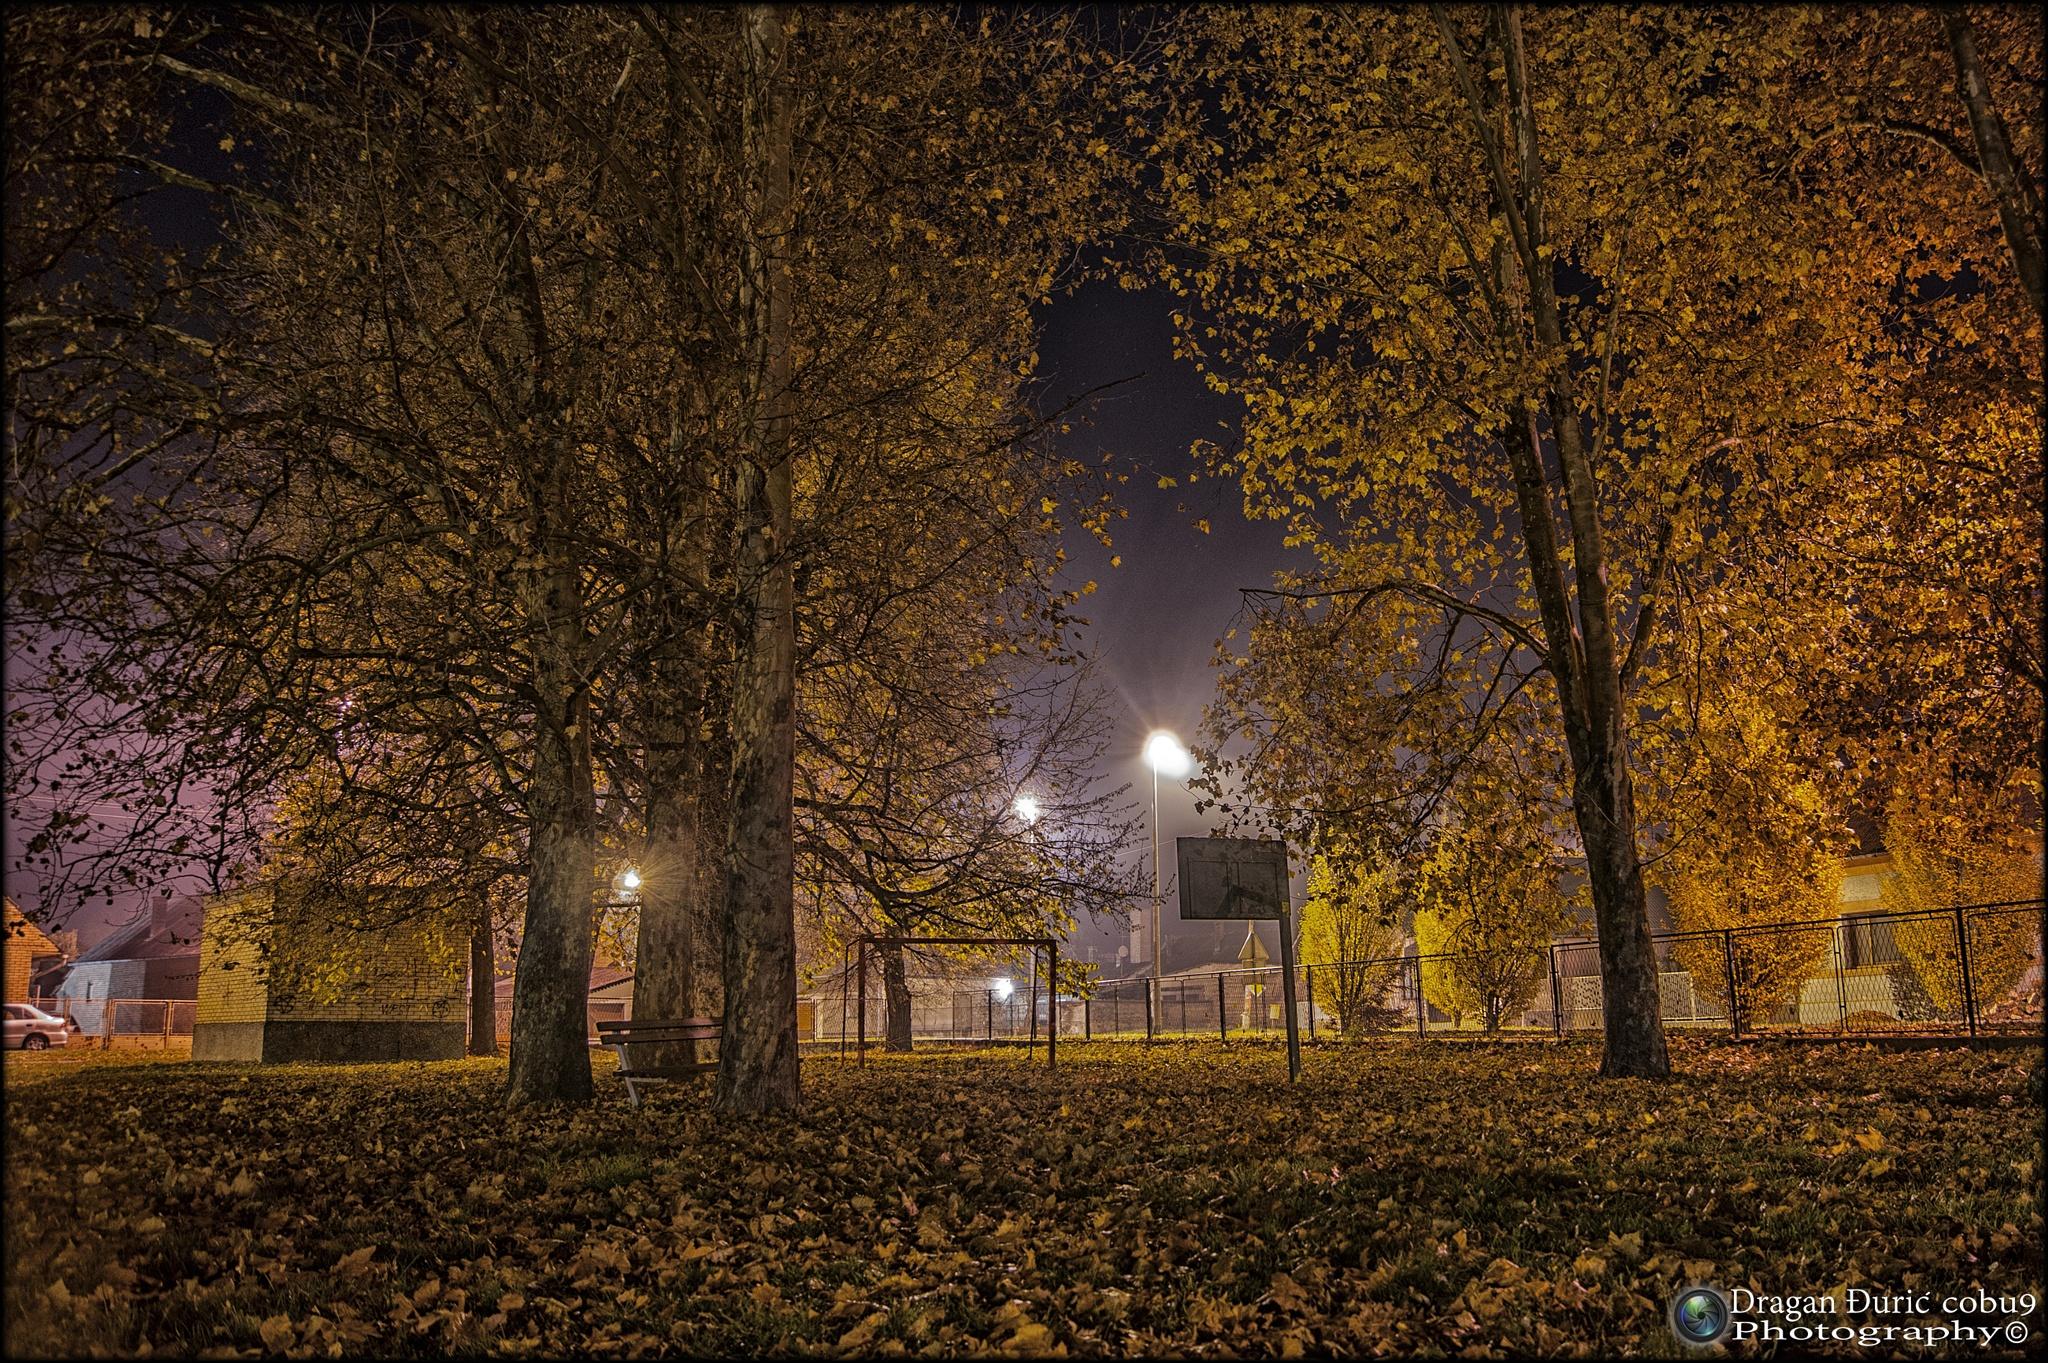 Autumn night by Dragan Đurić